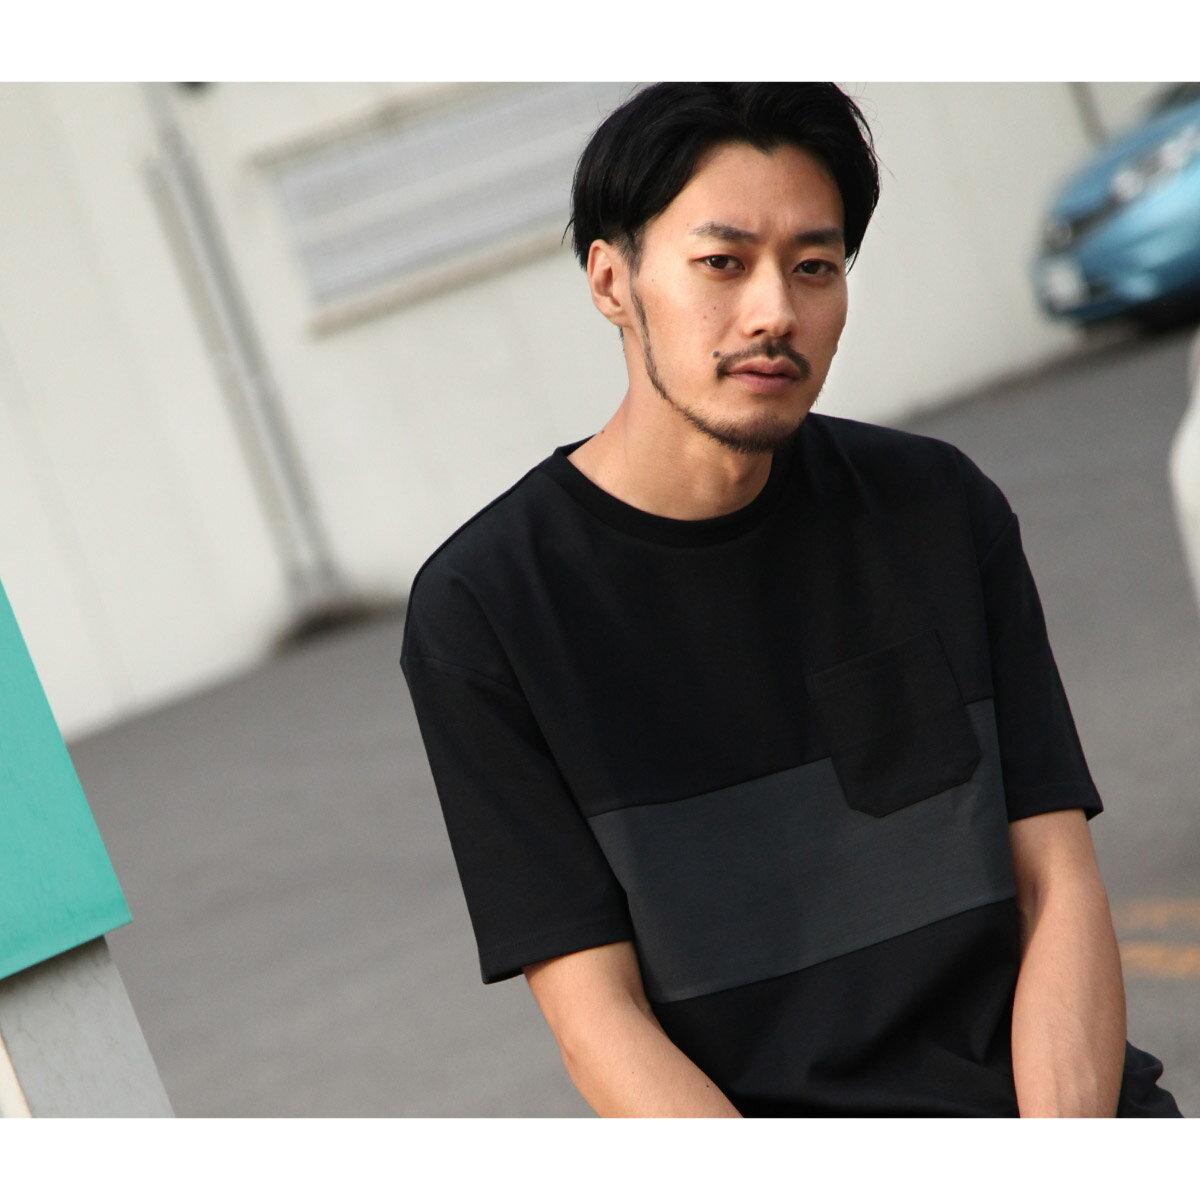 【現貨】 短袖T恤 寬版 5